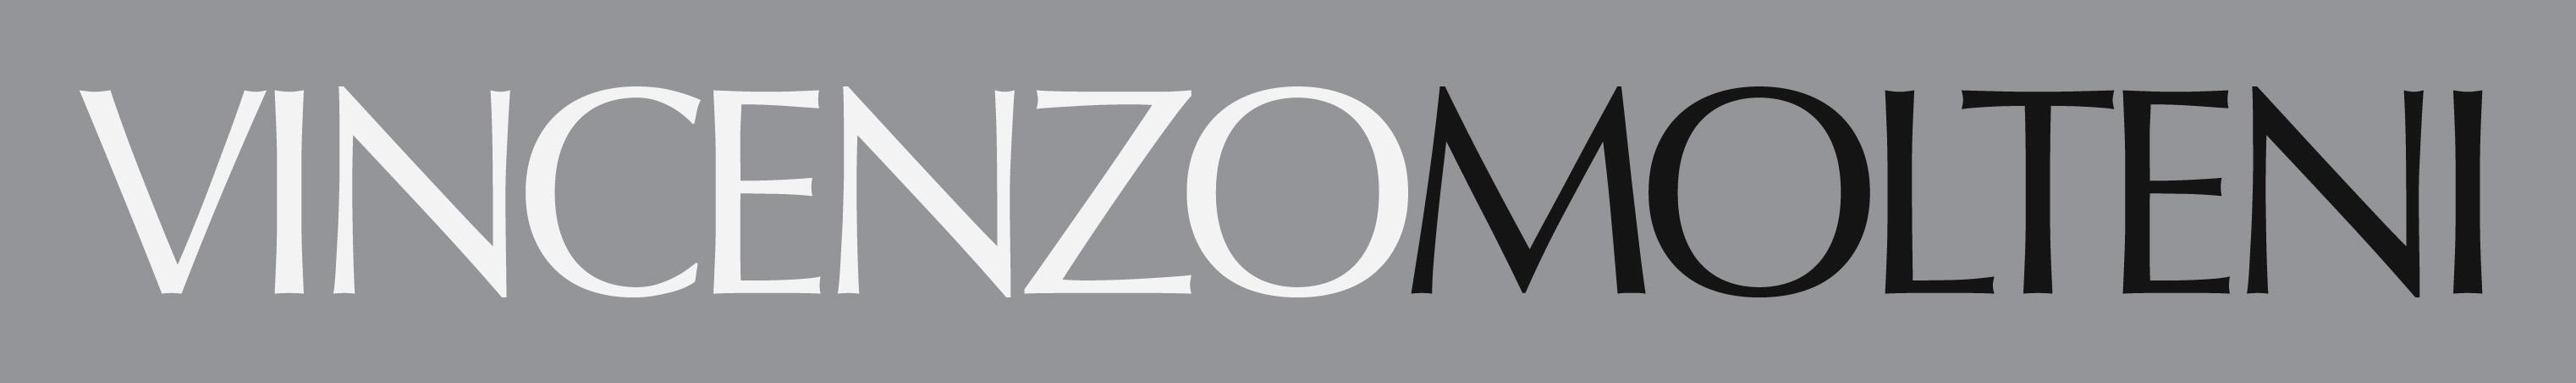 Vincenzo Molteni logo formato vettoriale_new